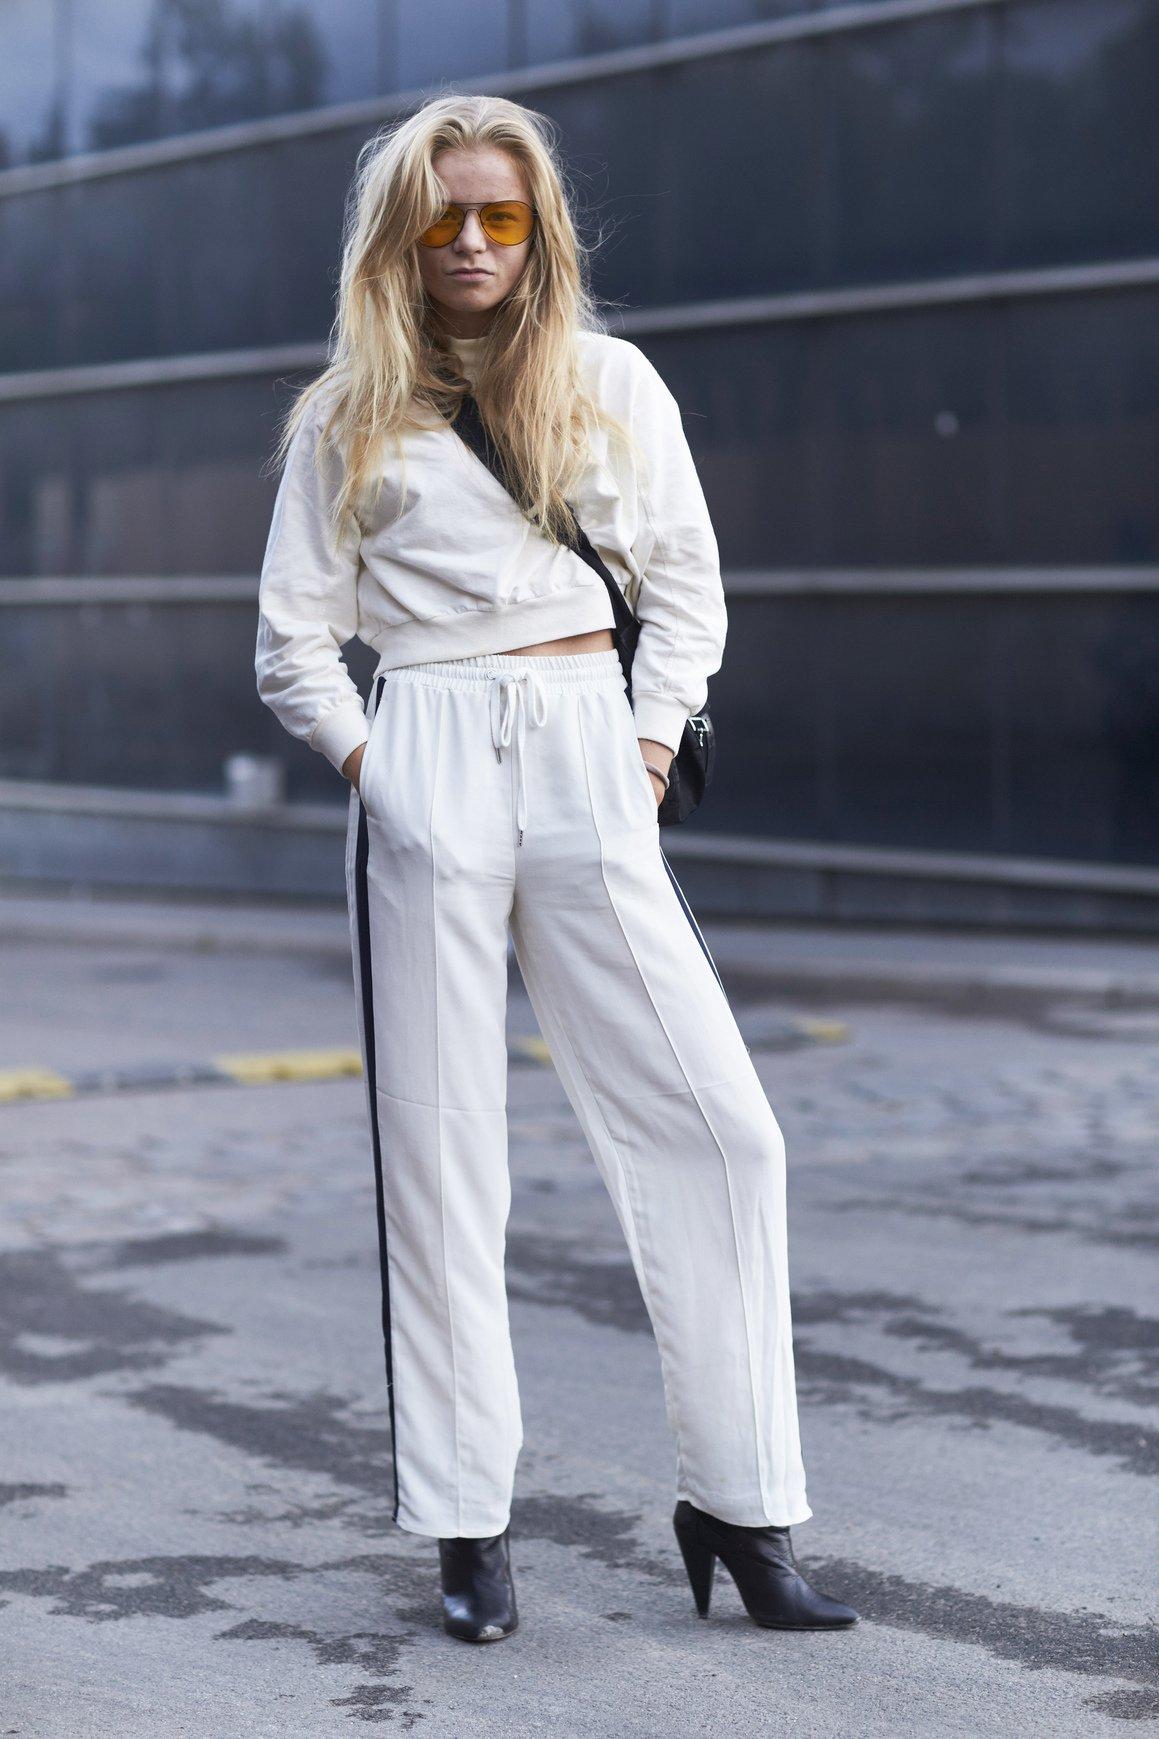 Lato 2017: najciekawsze uliczne stylizacje z bielą w roli głównej!